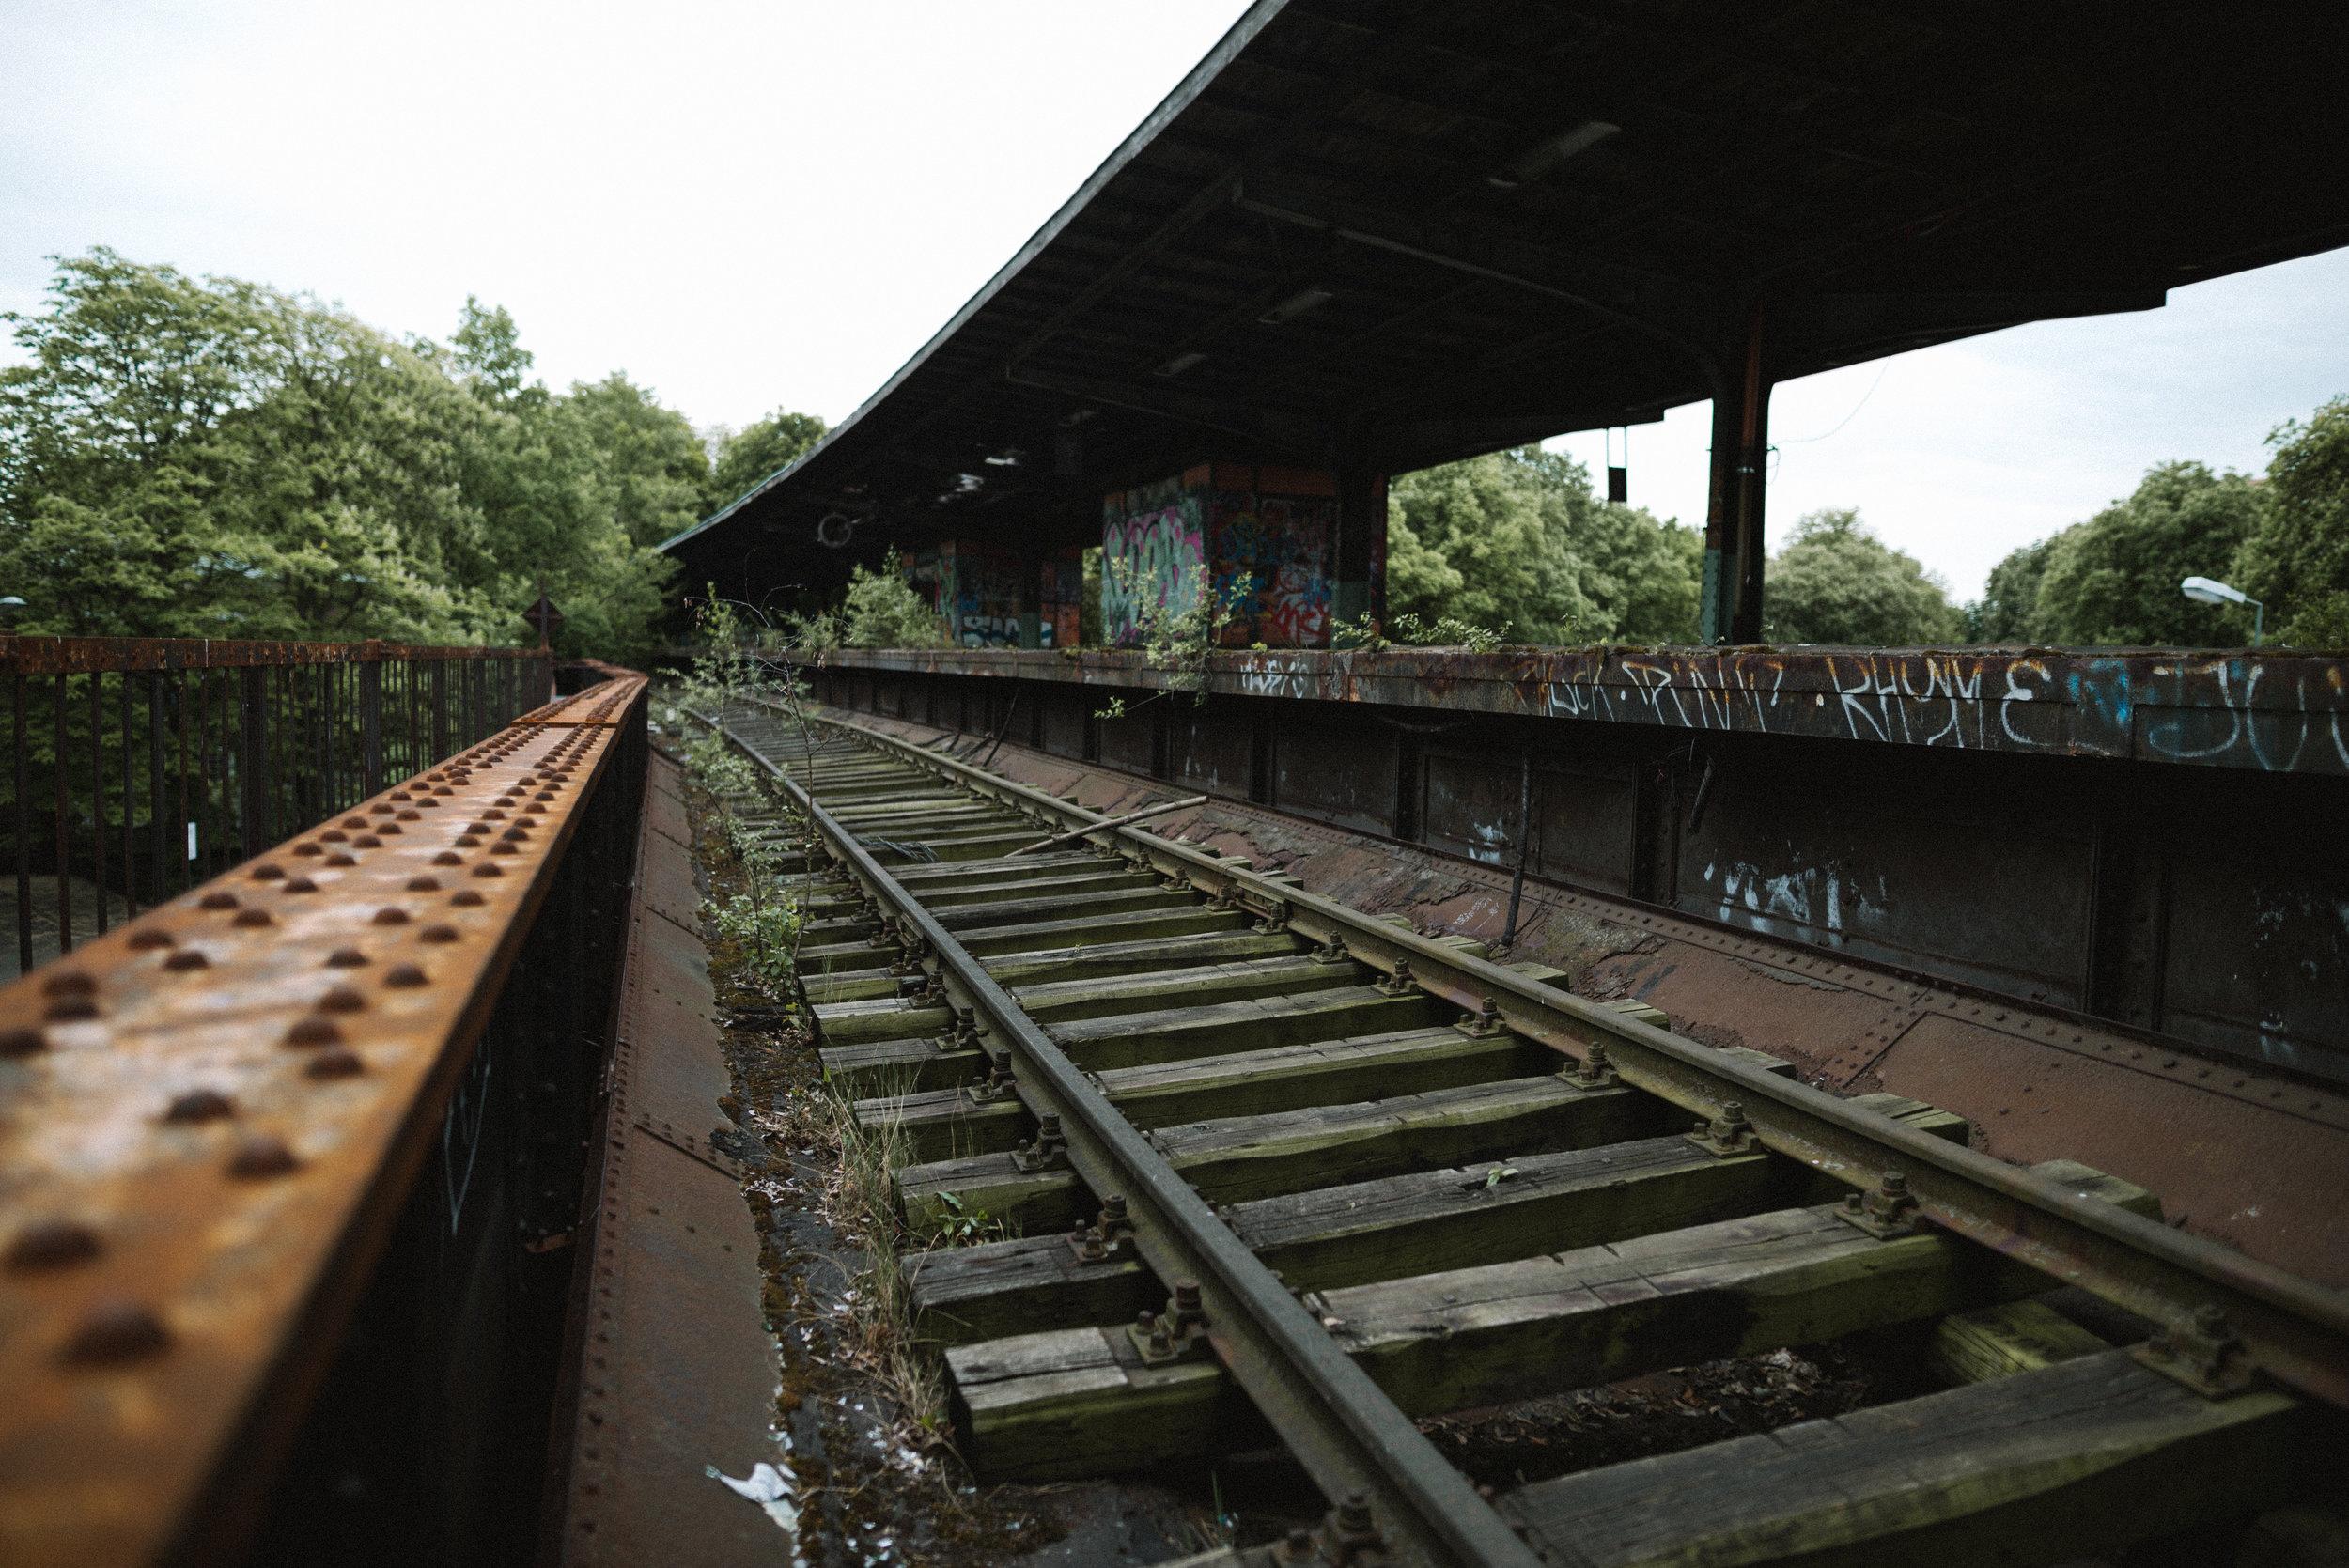 abandoned s-bahn station in siemensstadt.